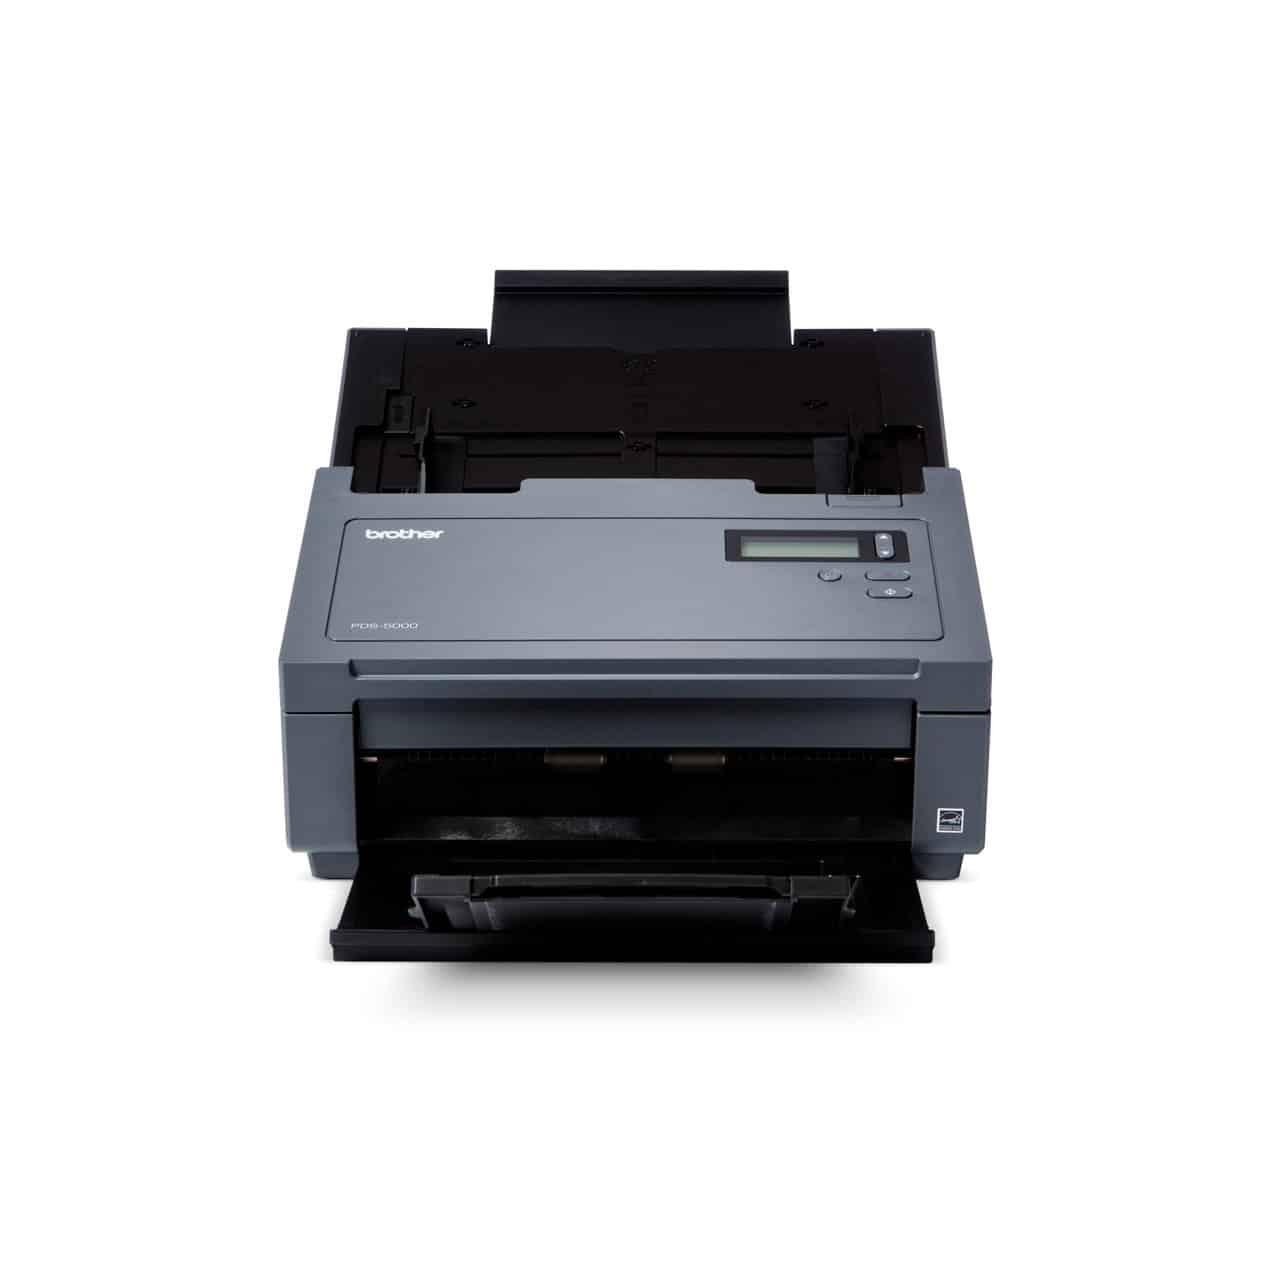 Brother PDS-6000 Professional Desktop Scanner